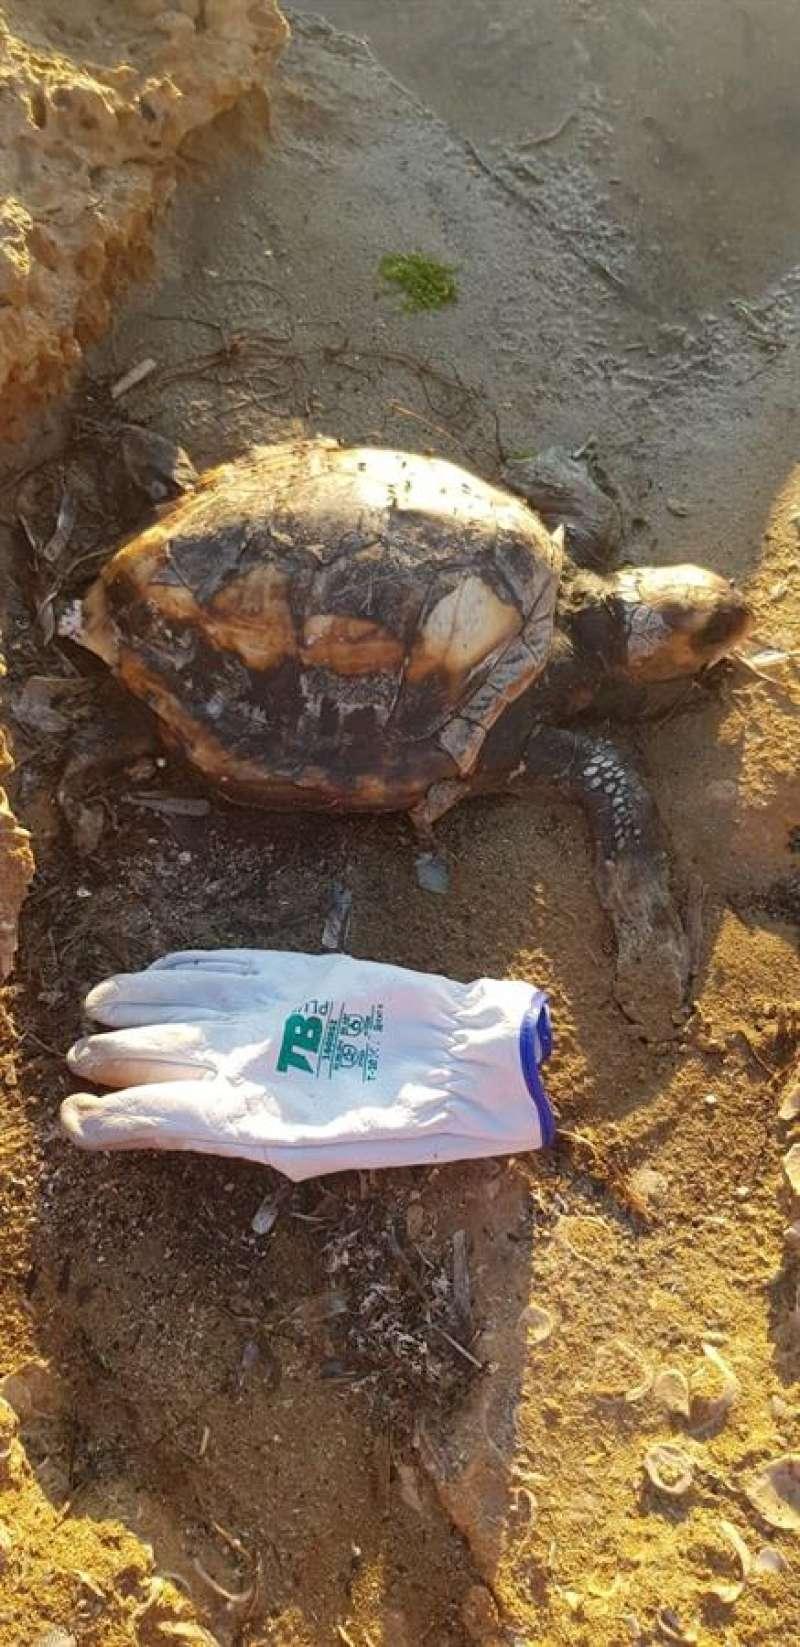 Imagen de la tortuga facilitada por el Ayuntamiento de Torrevieja. EFE